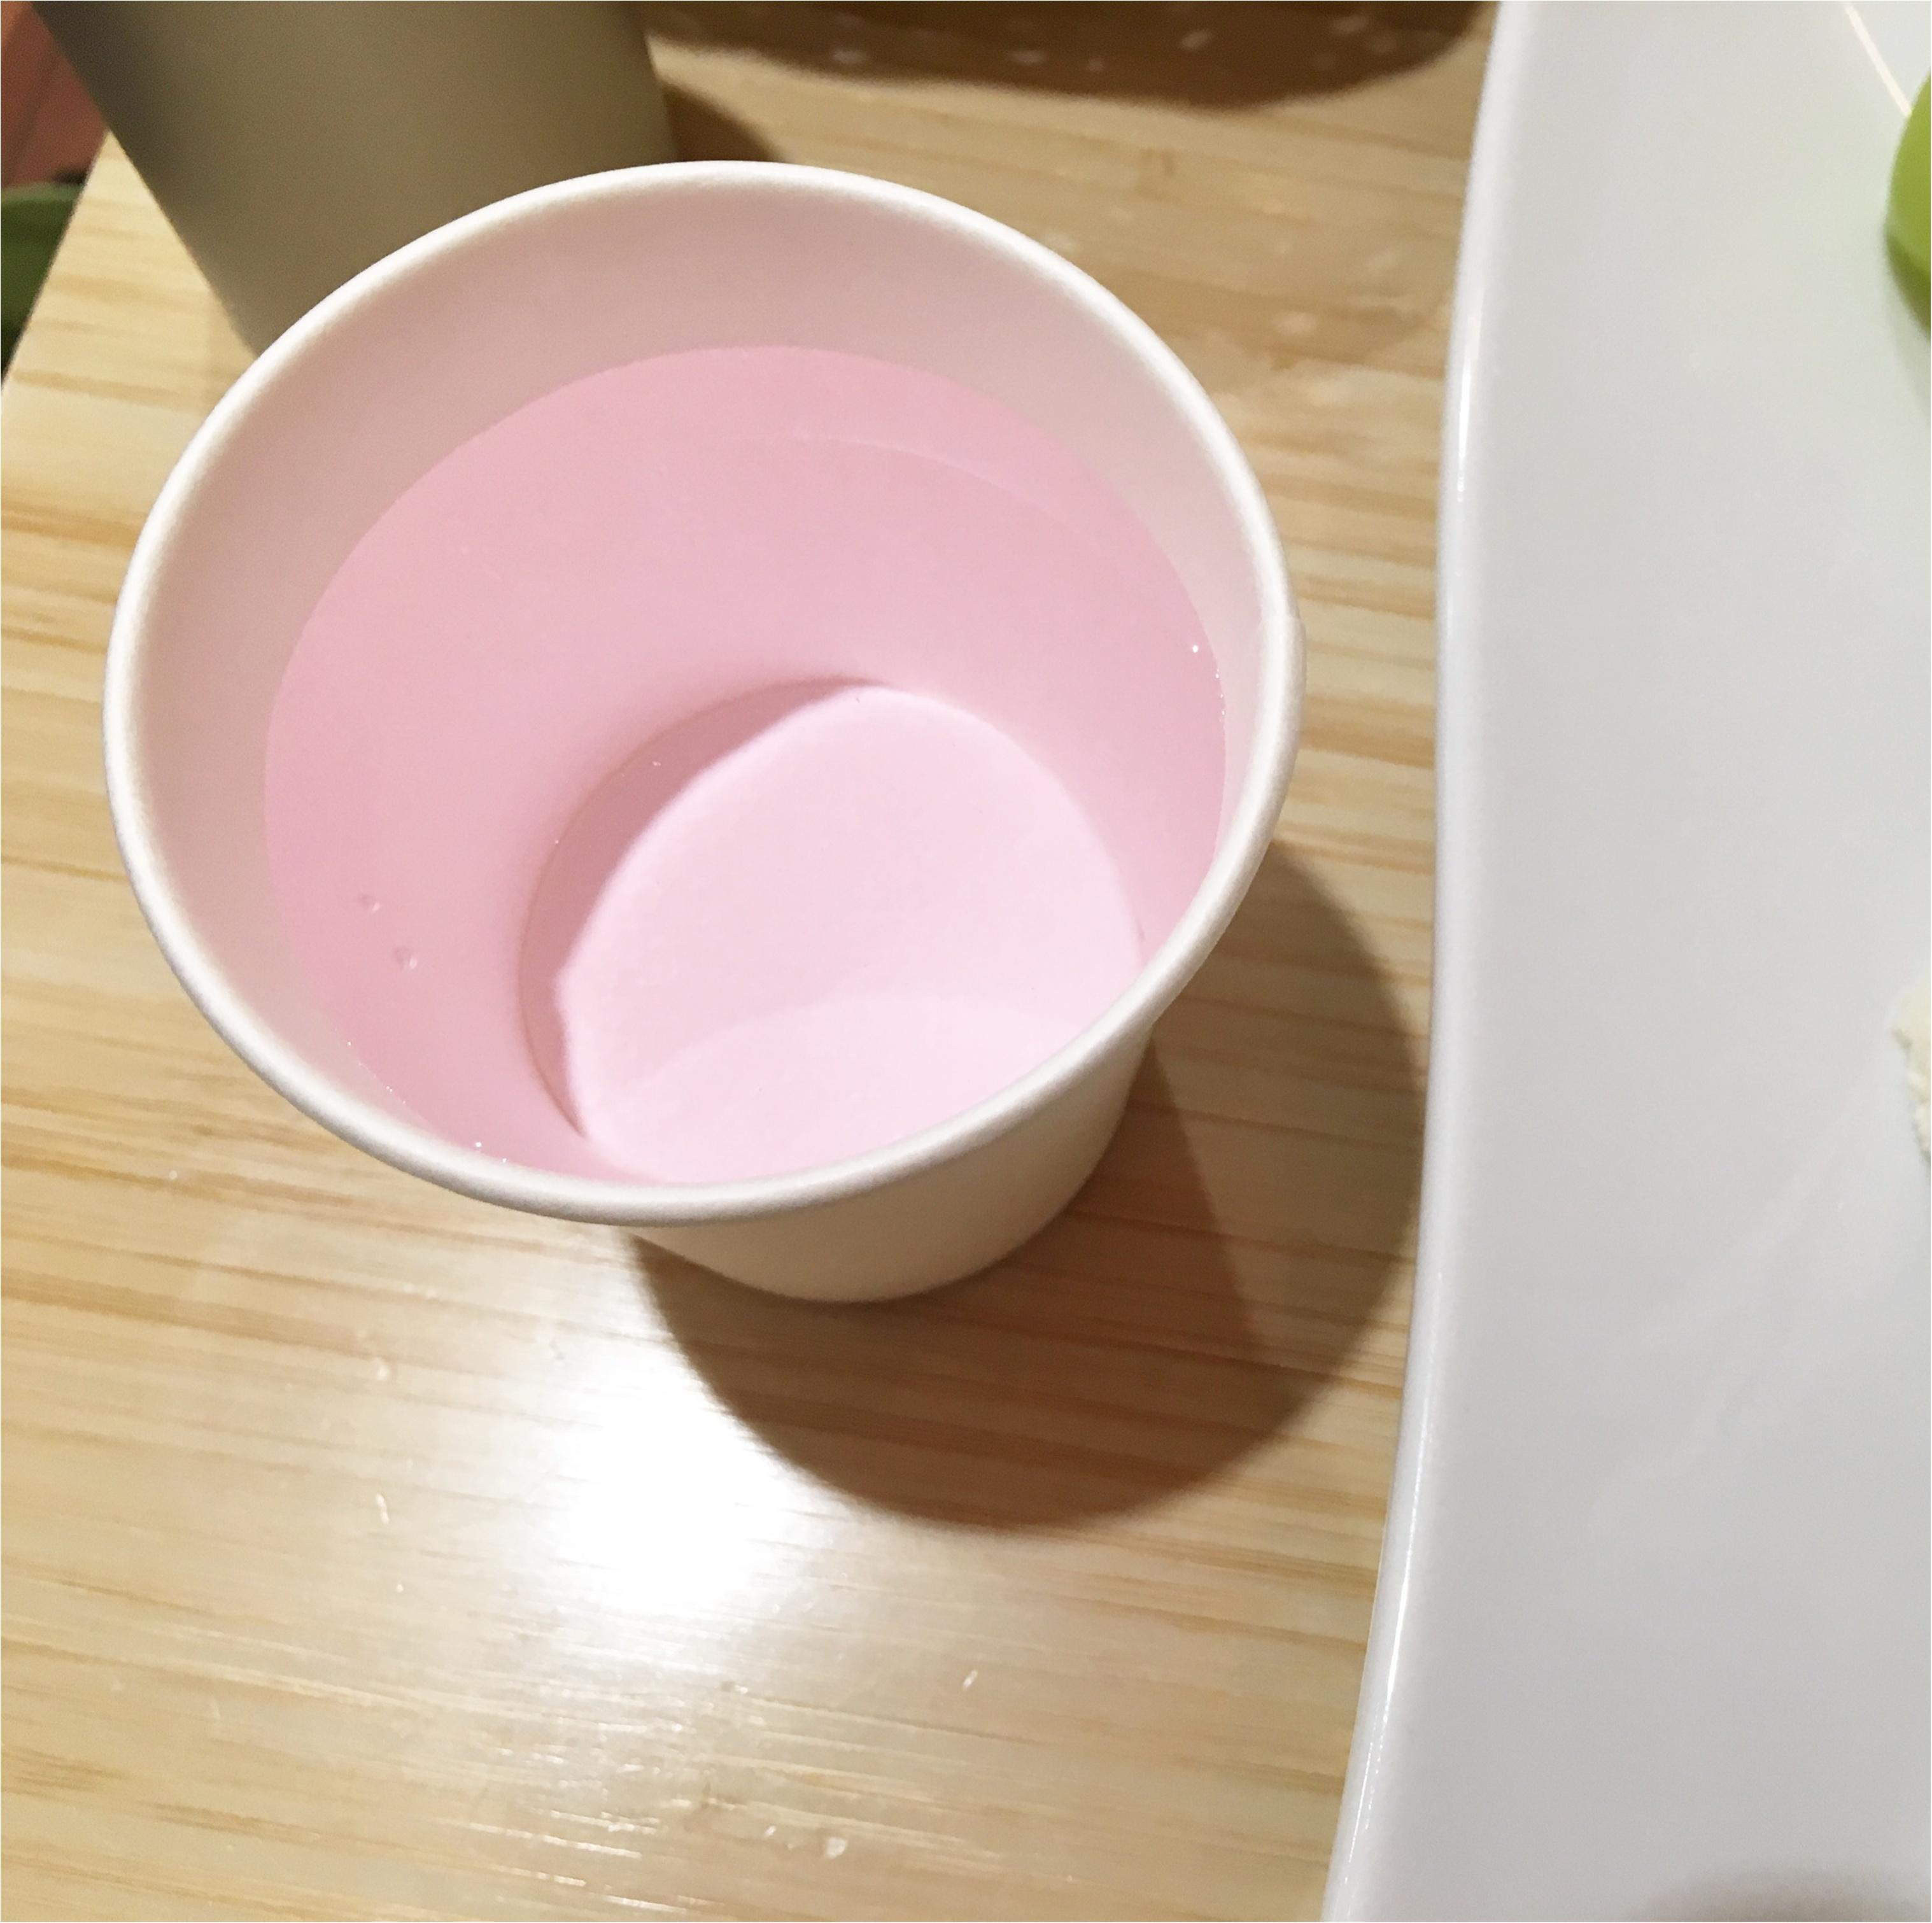 いちじくの季節限定商品がアツい!フルーツサンド&クレームブリュレ♡♡_5